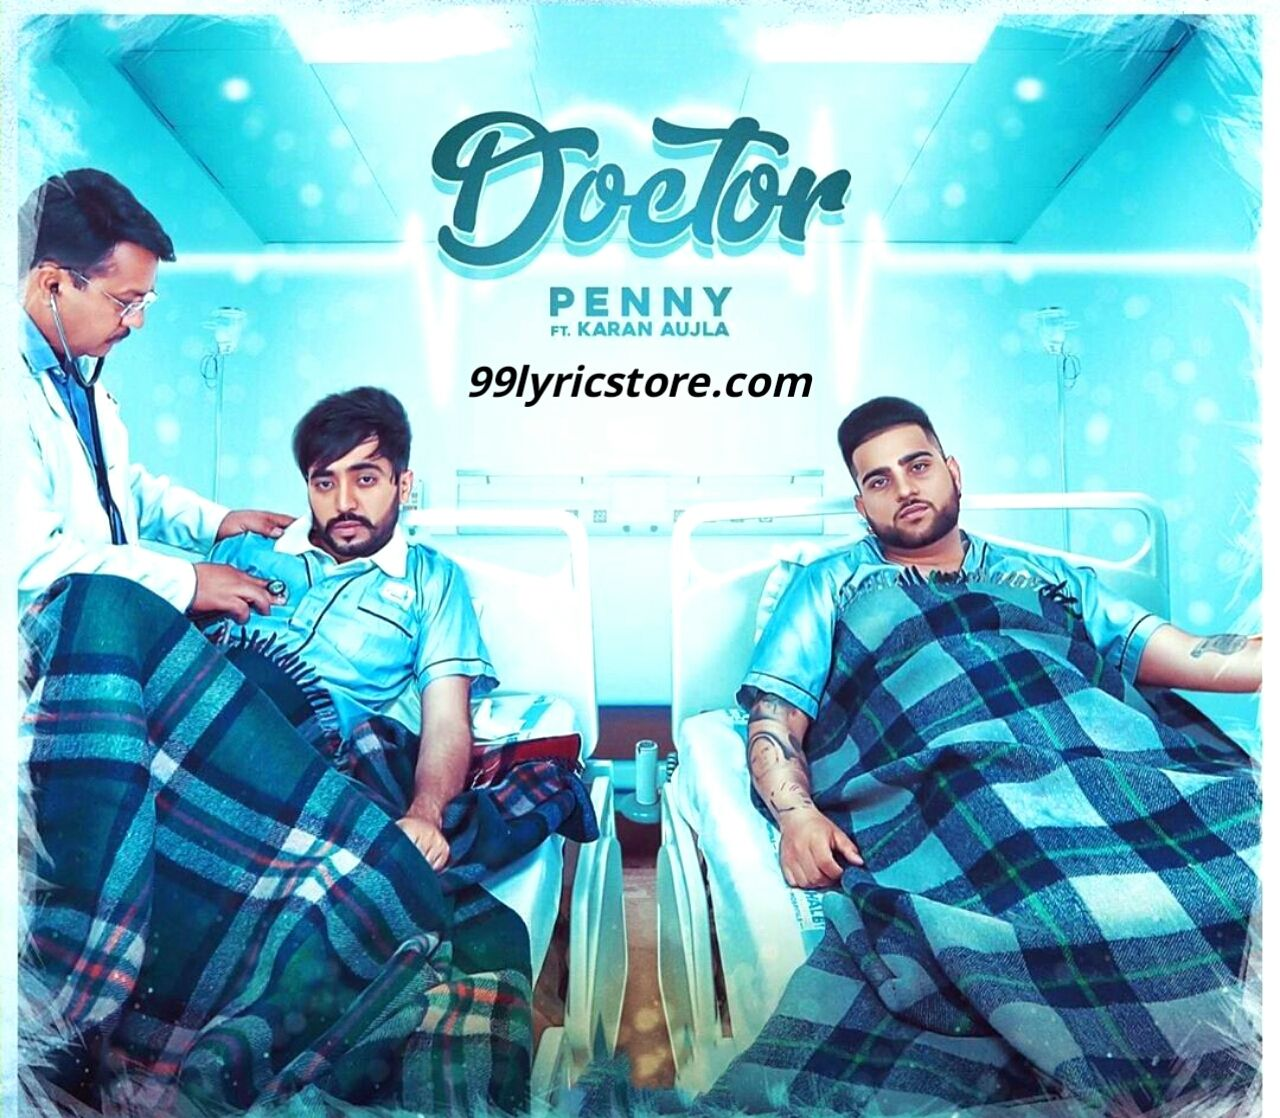 Doctor Punjabi Sad Song Lyrics Sung by Penny Ft. Karan Aujla